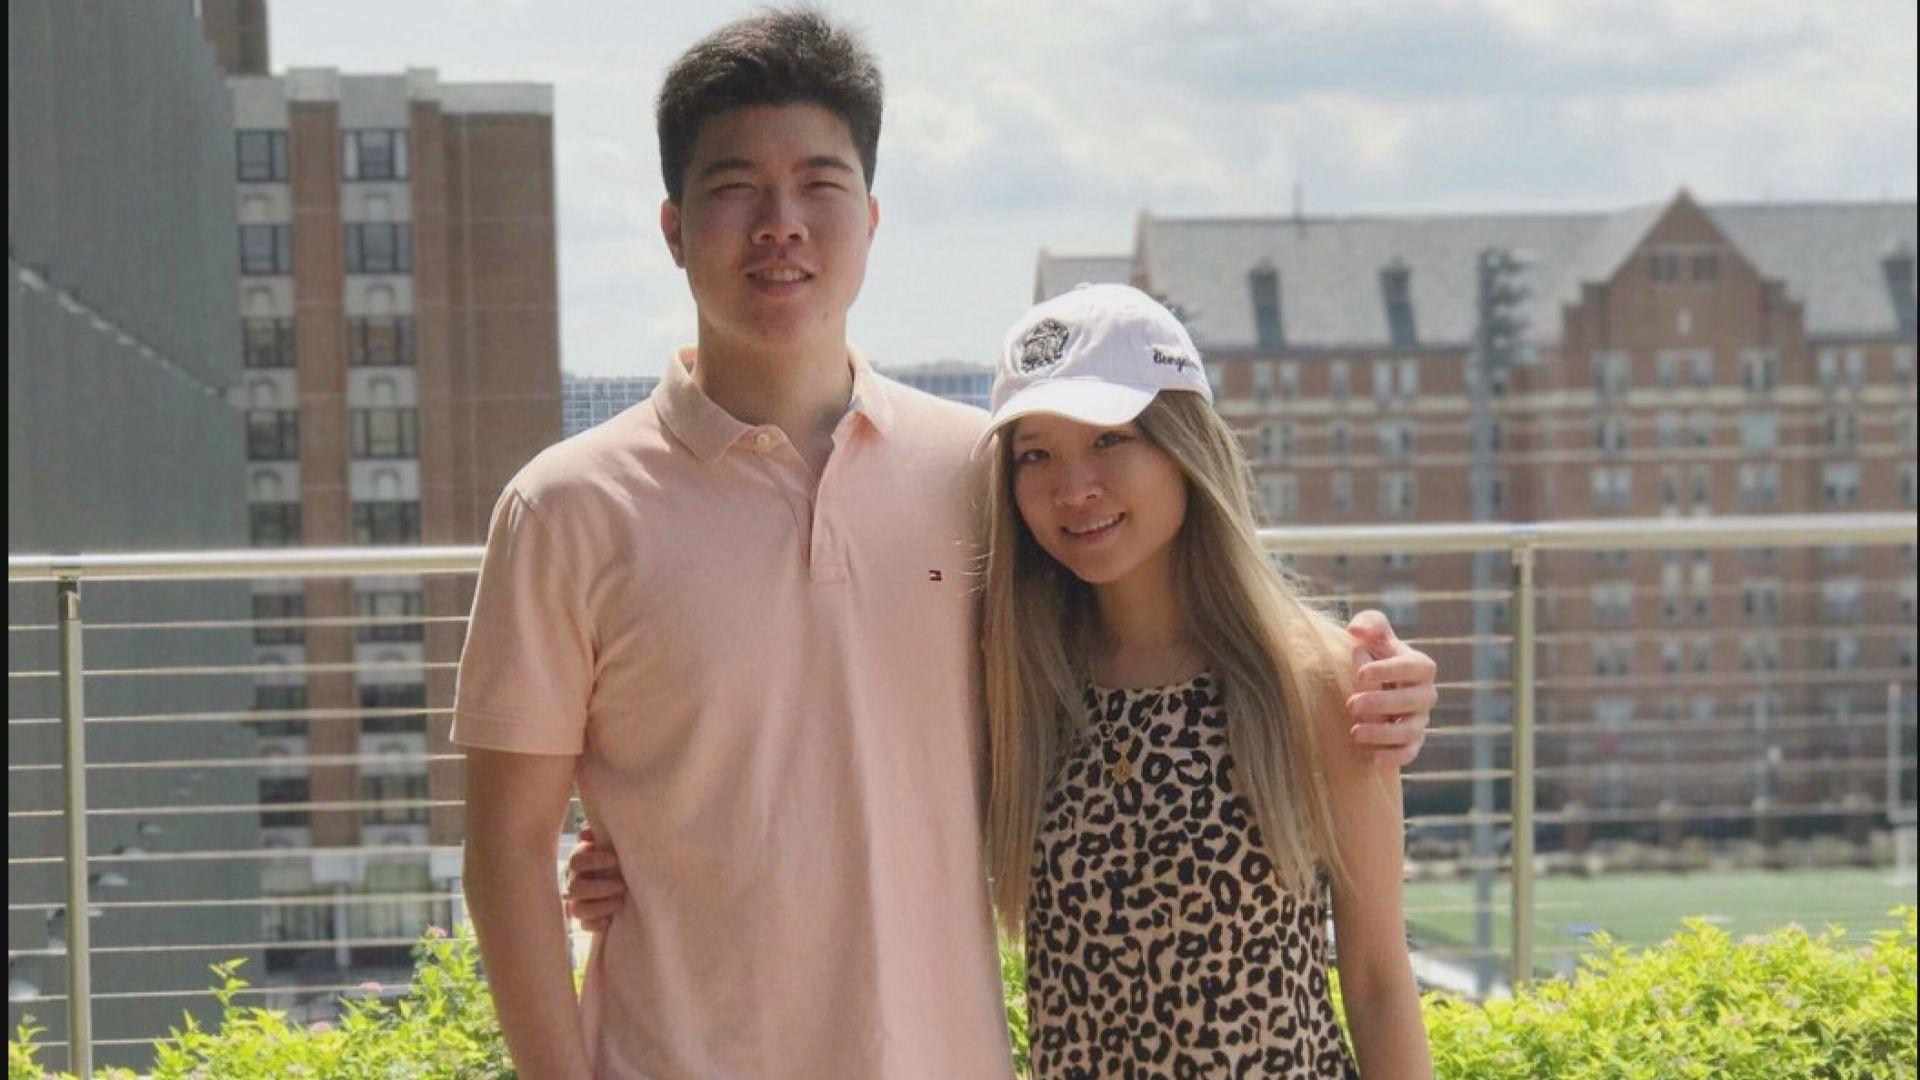 美籍華裔姊弟在華拘留三年多獲准離開